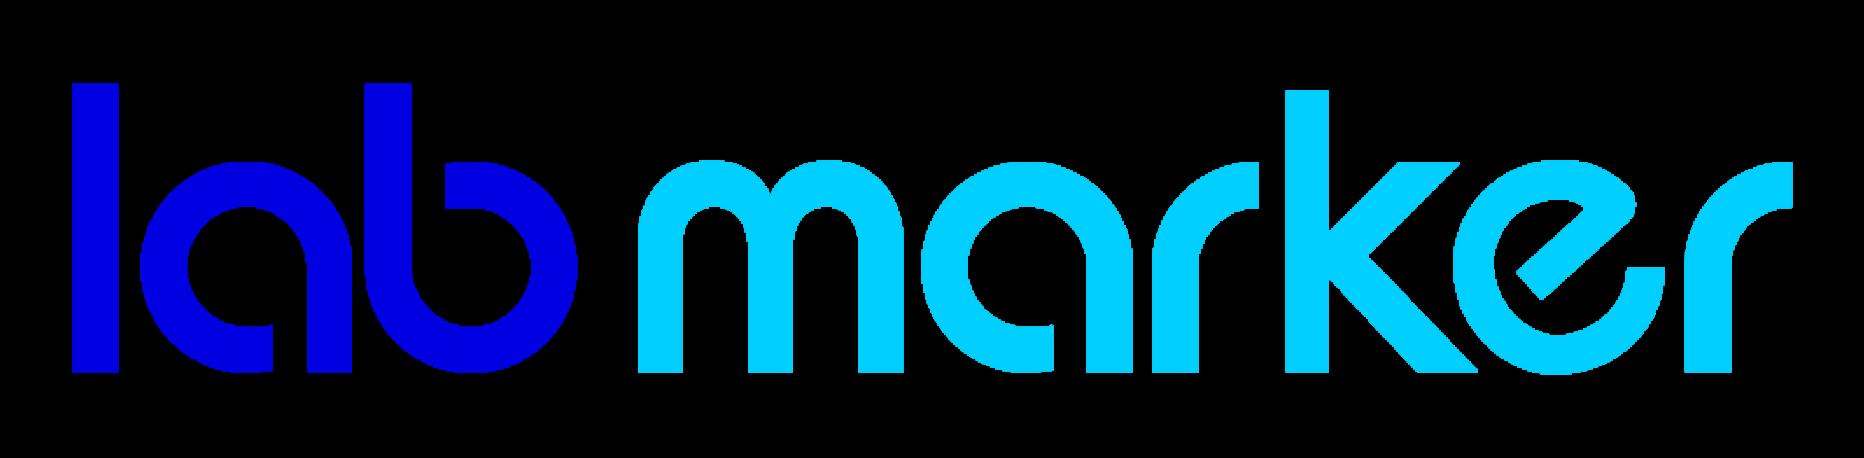 labmarker-logo